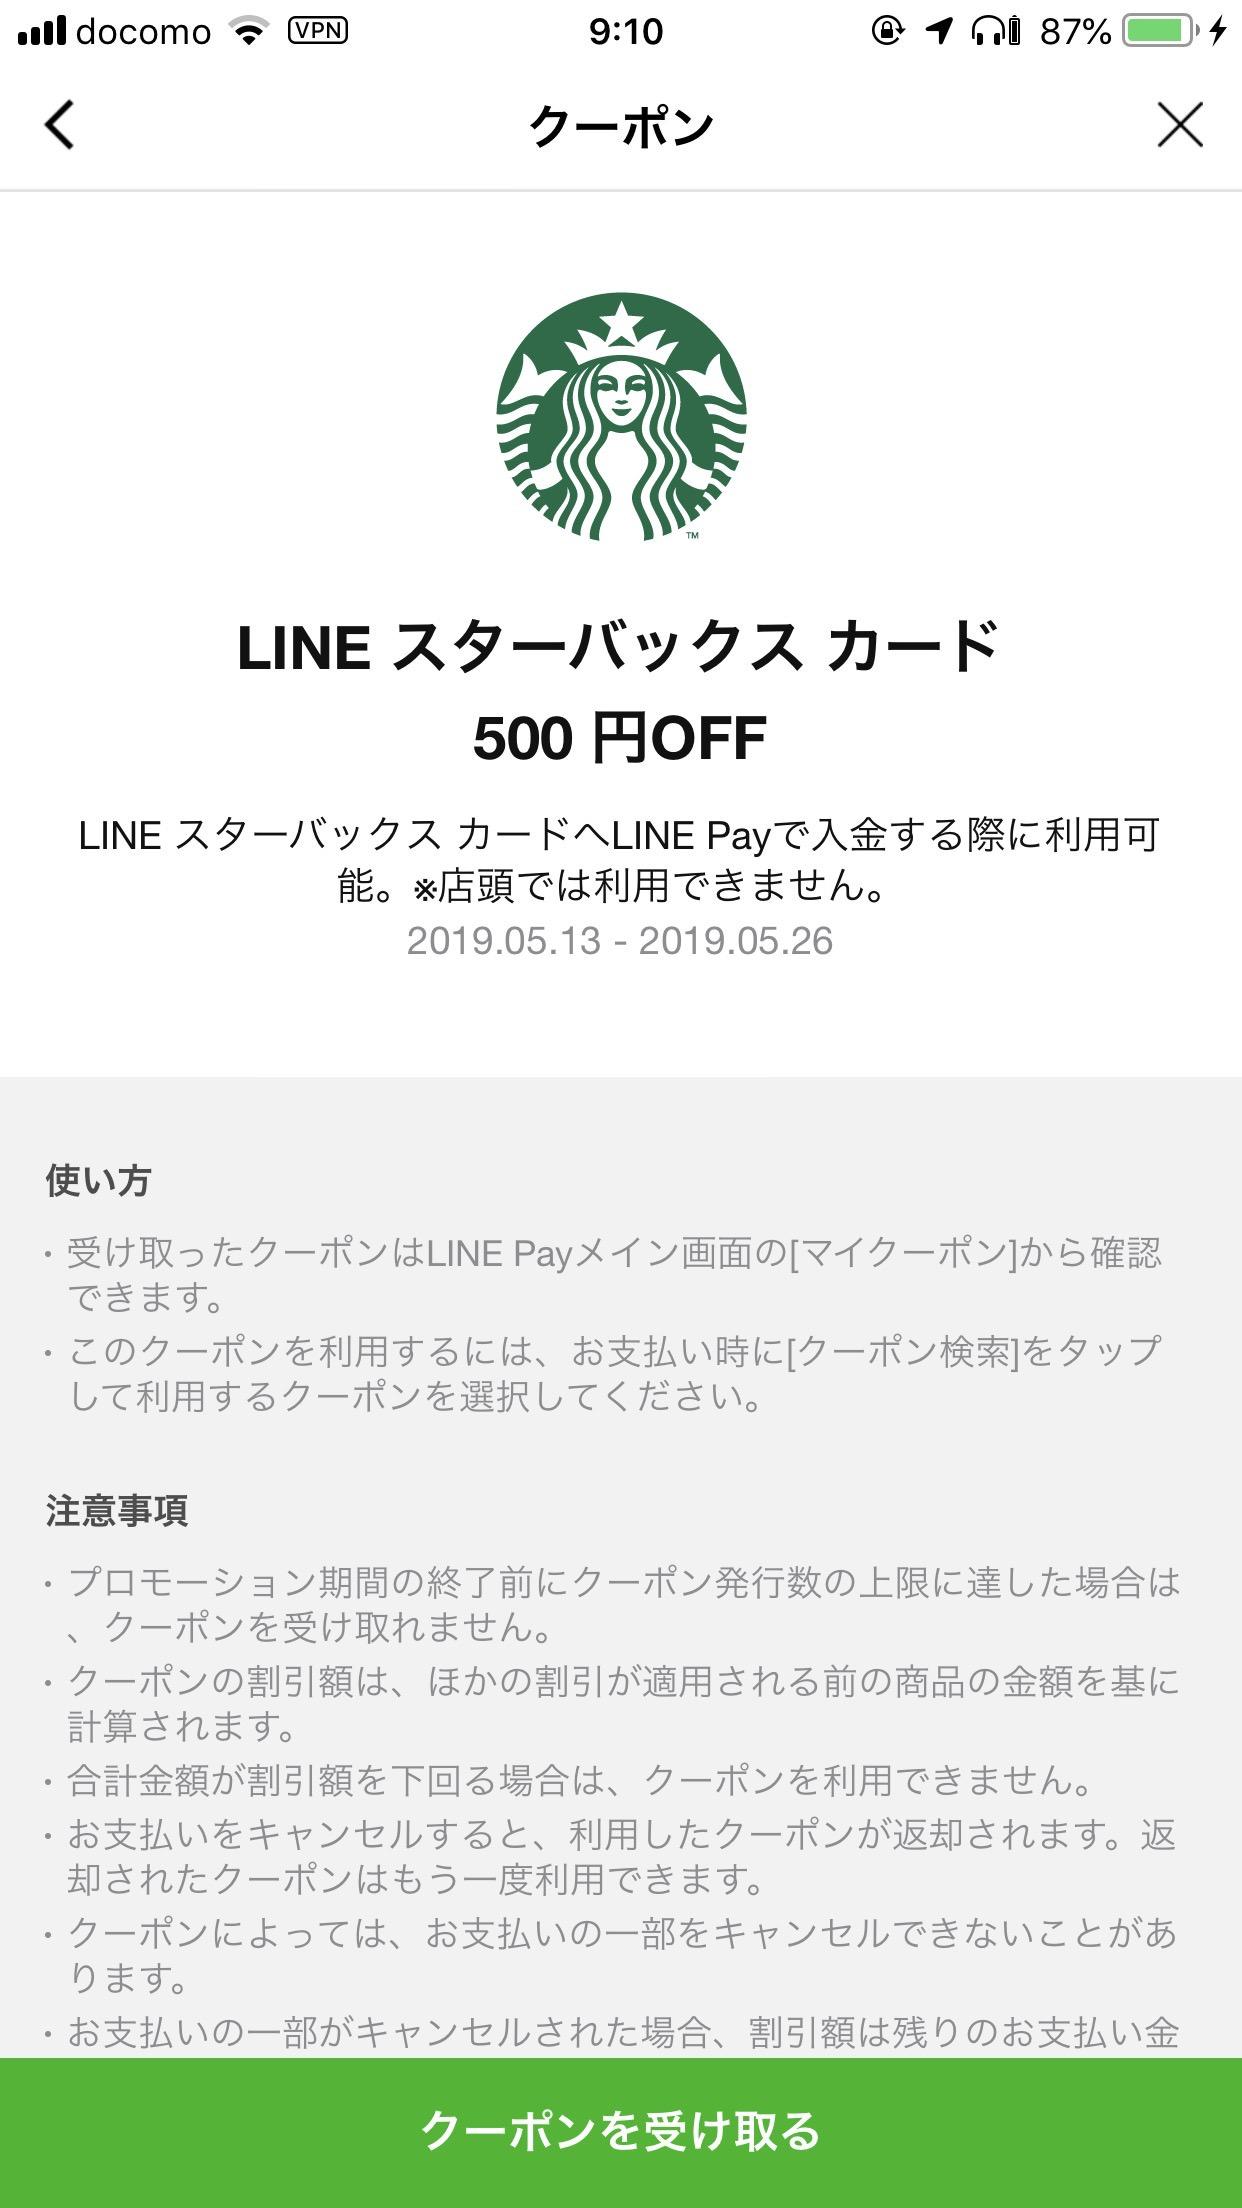 【LINE Pay】「LINEスターバックスカード」1,000円チャージで500円オフクーポン配布中(5/26まで)